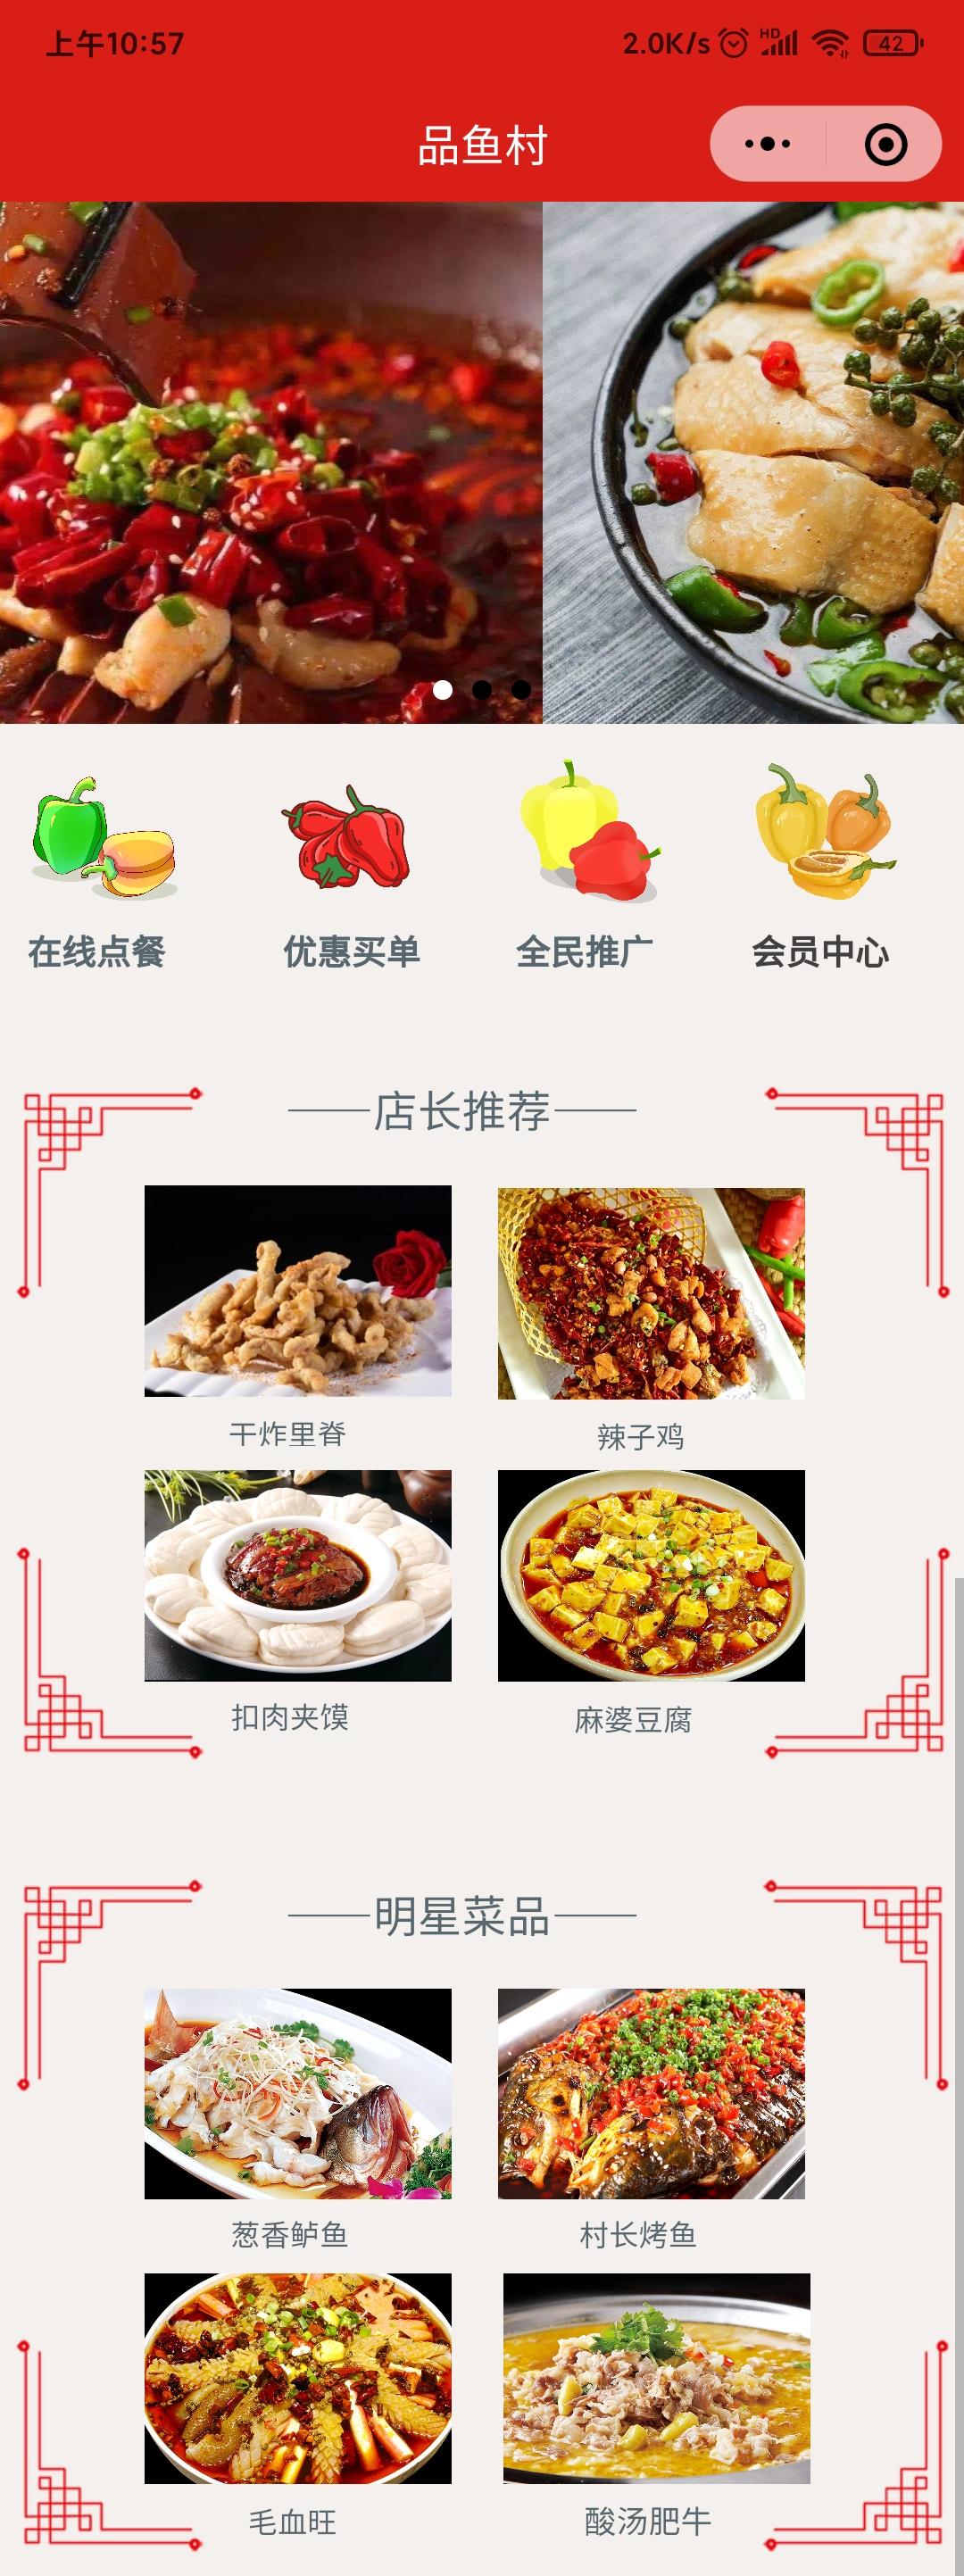 品鱼村川菜馆